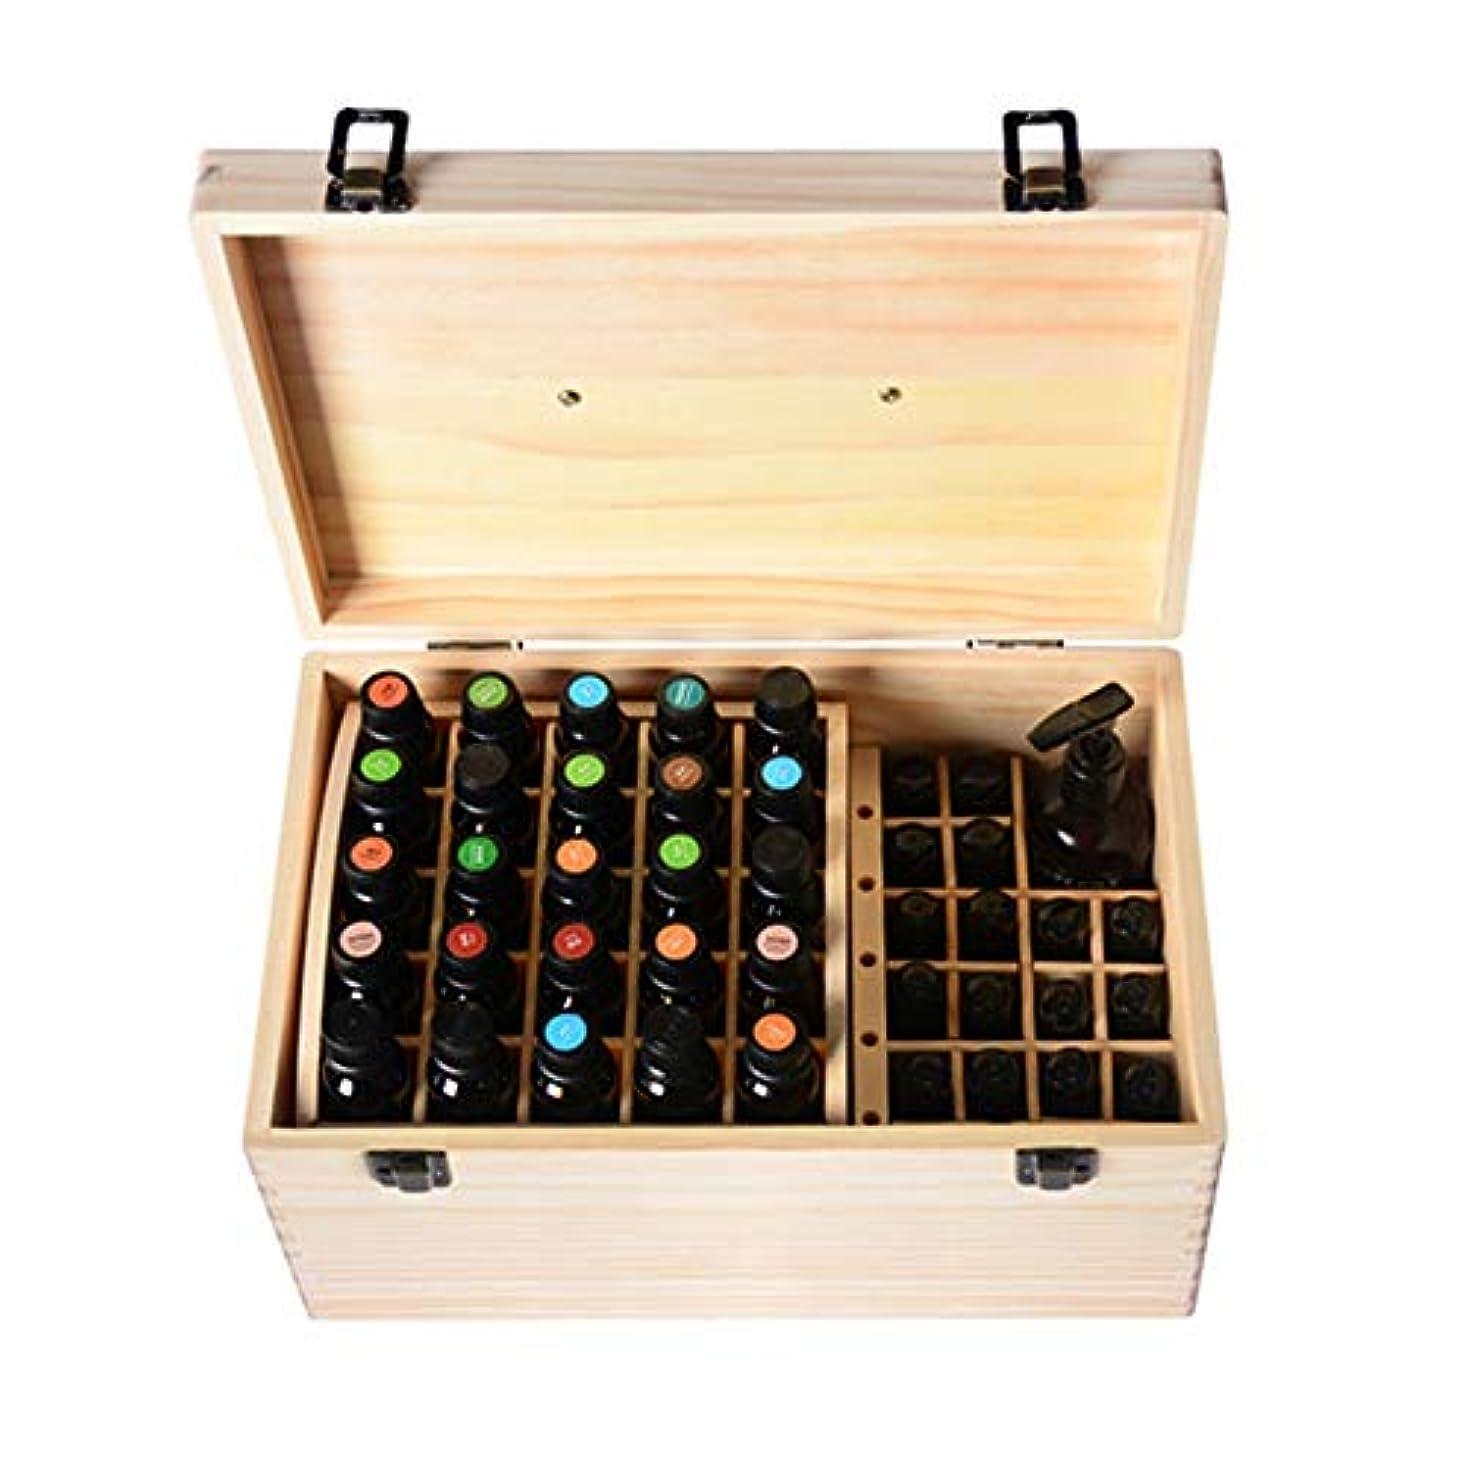 手主張する取るに足らないエッセンシャルオイルの保管 74スロット木エッセンシャルオイルボックス収納ケース内部のリムーバブルは15/10 M1のボトルナチュラルパインを開催します (色 : Natural, サイズ : 35X20X16.5CM)